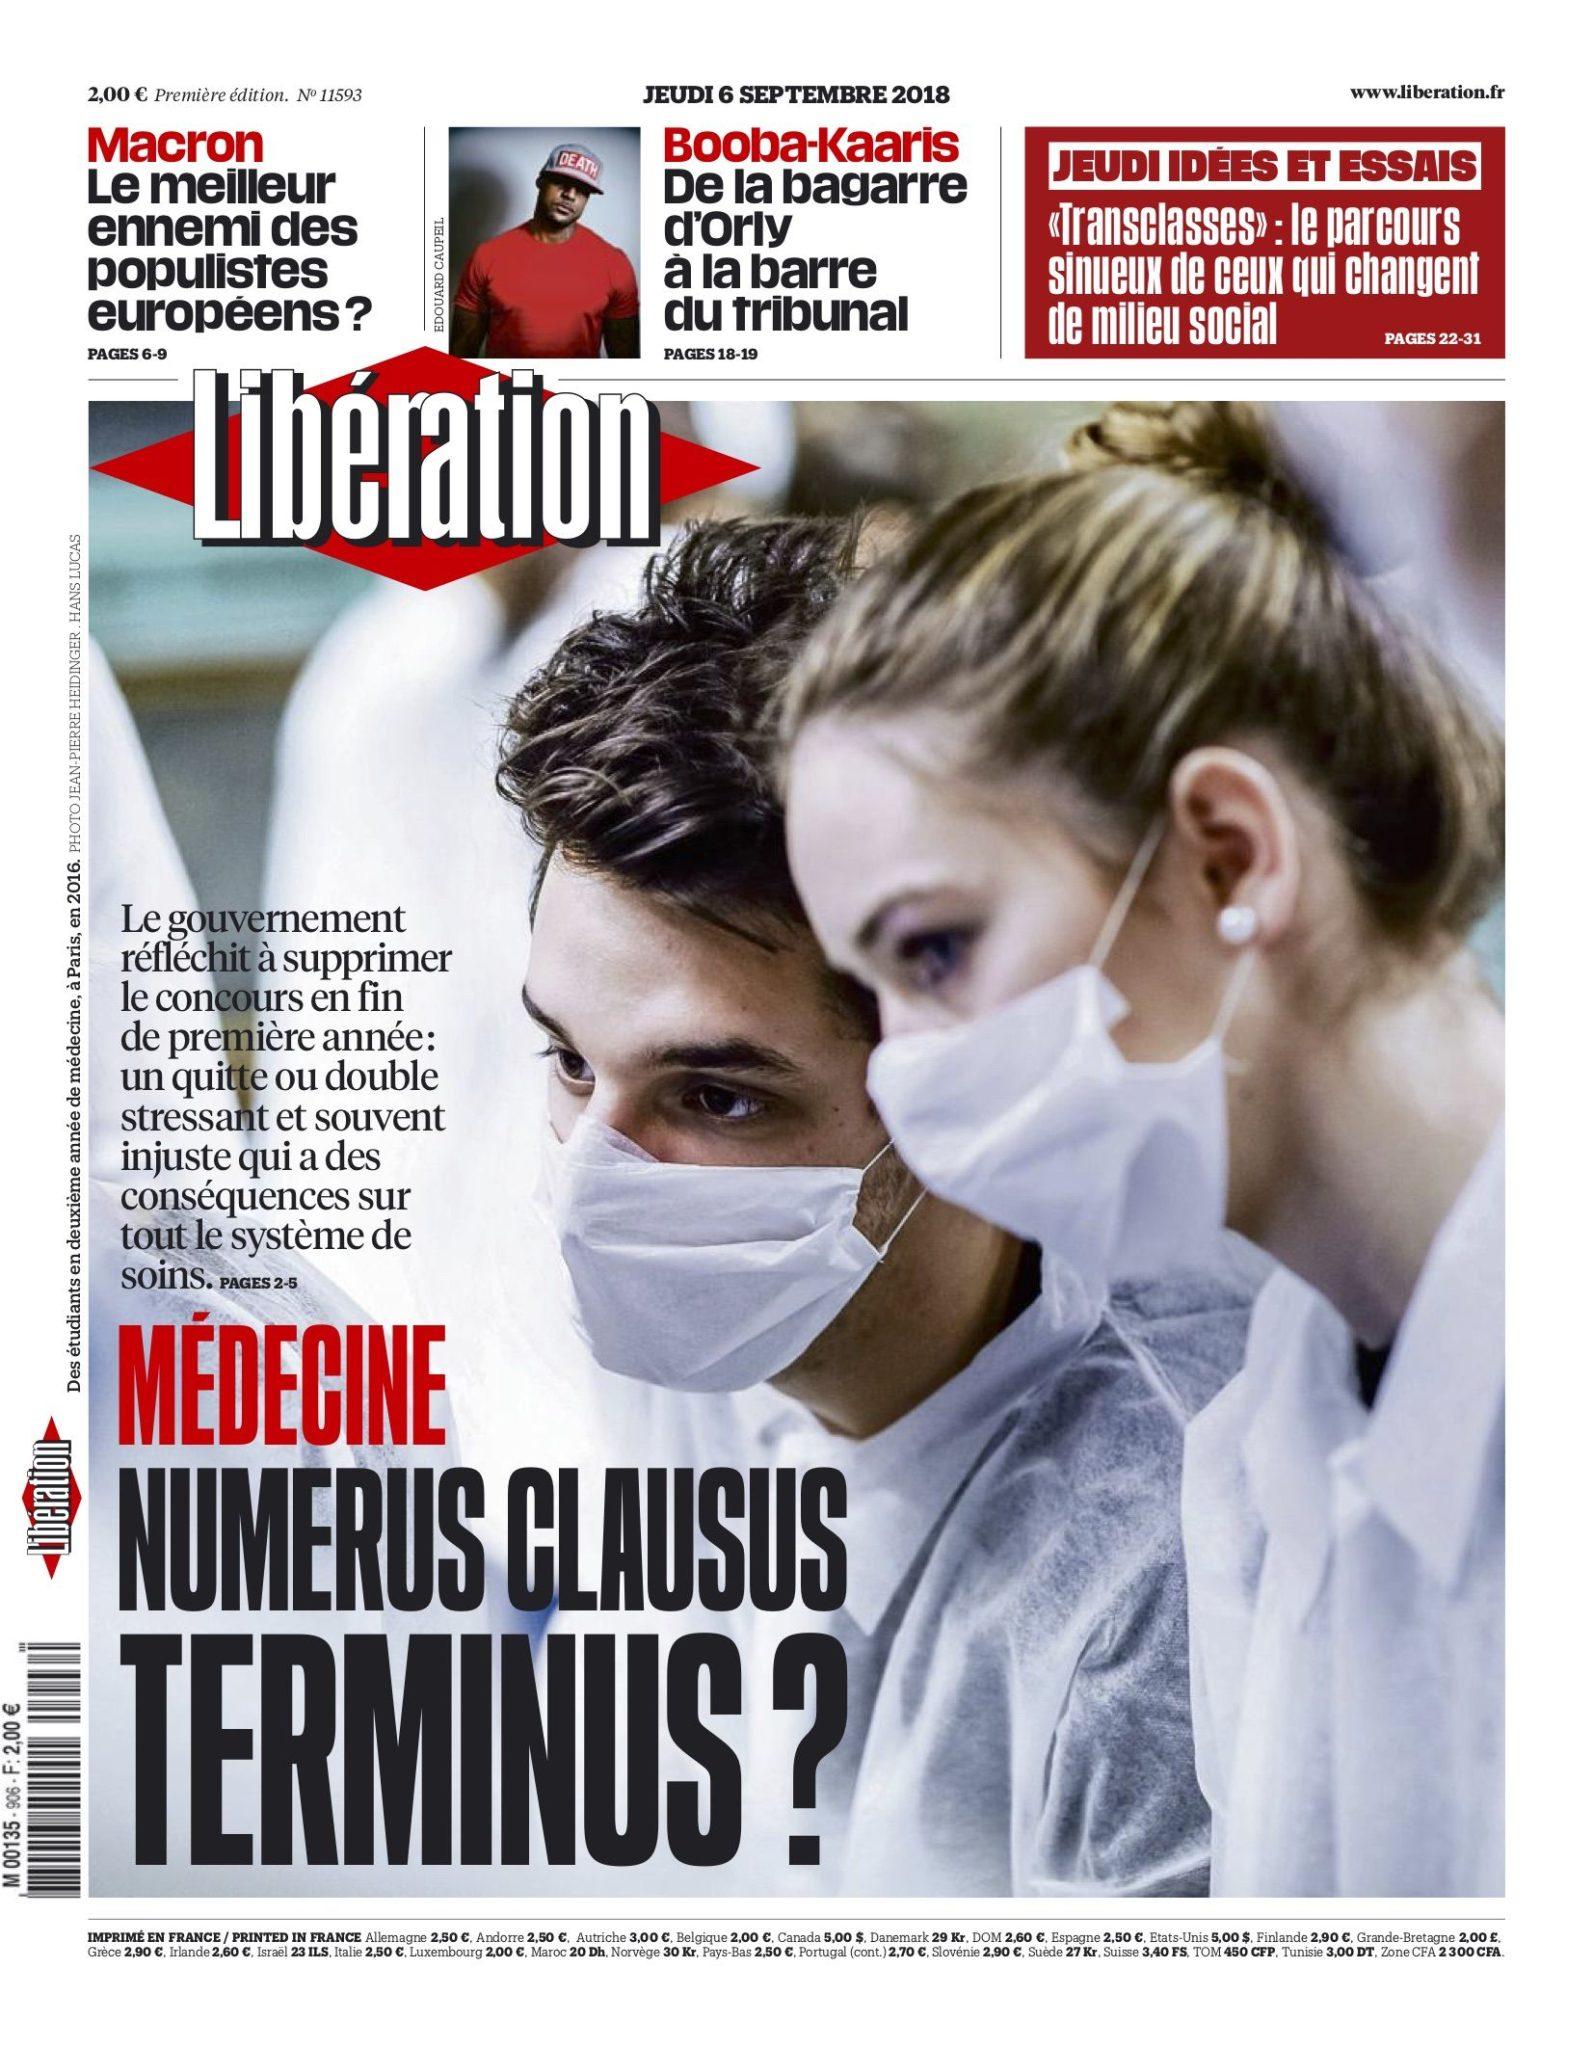 Liberation_20180906_Paris-1_QUO_001